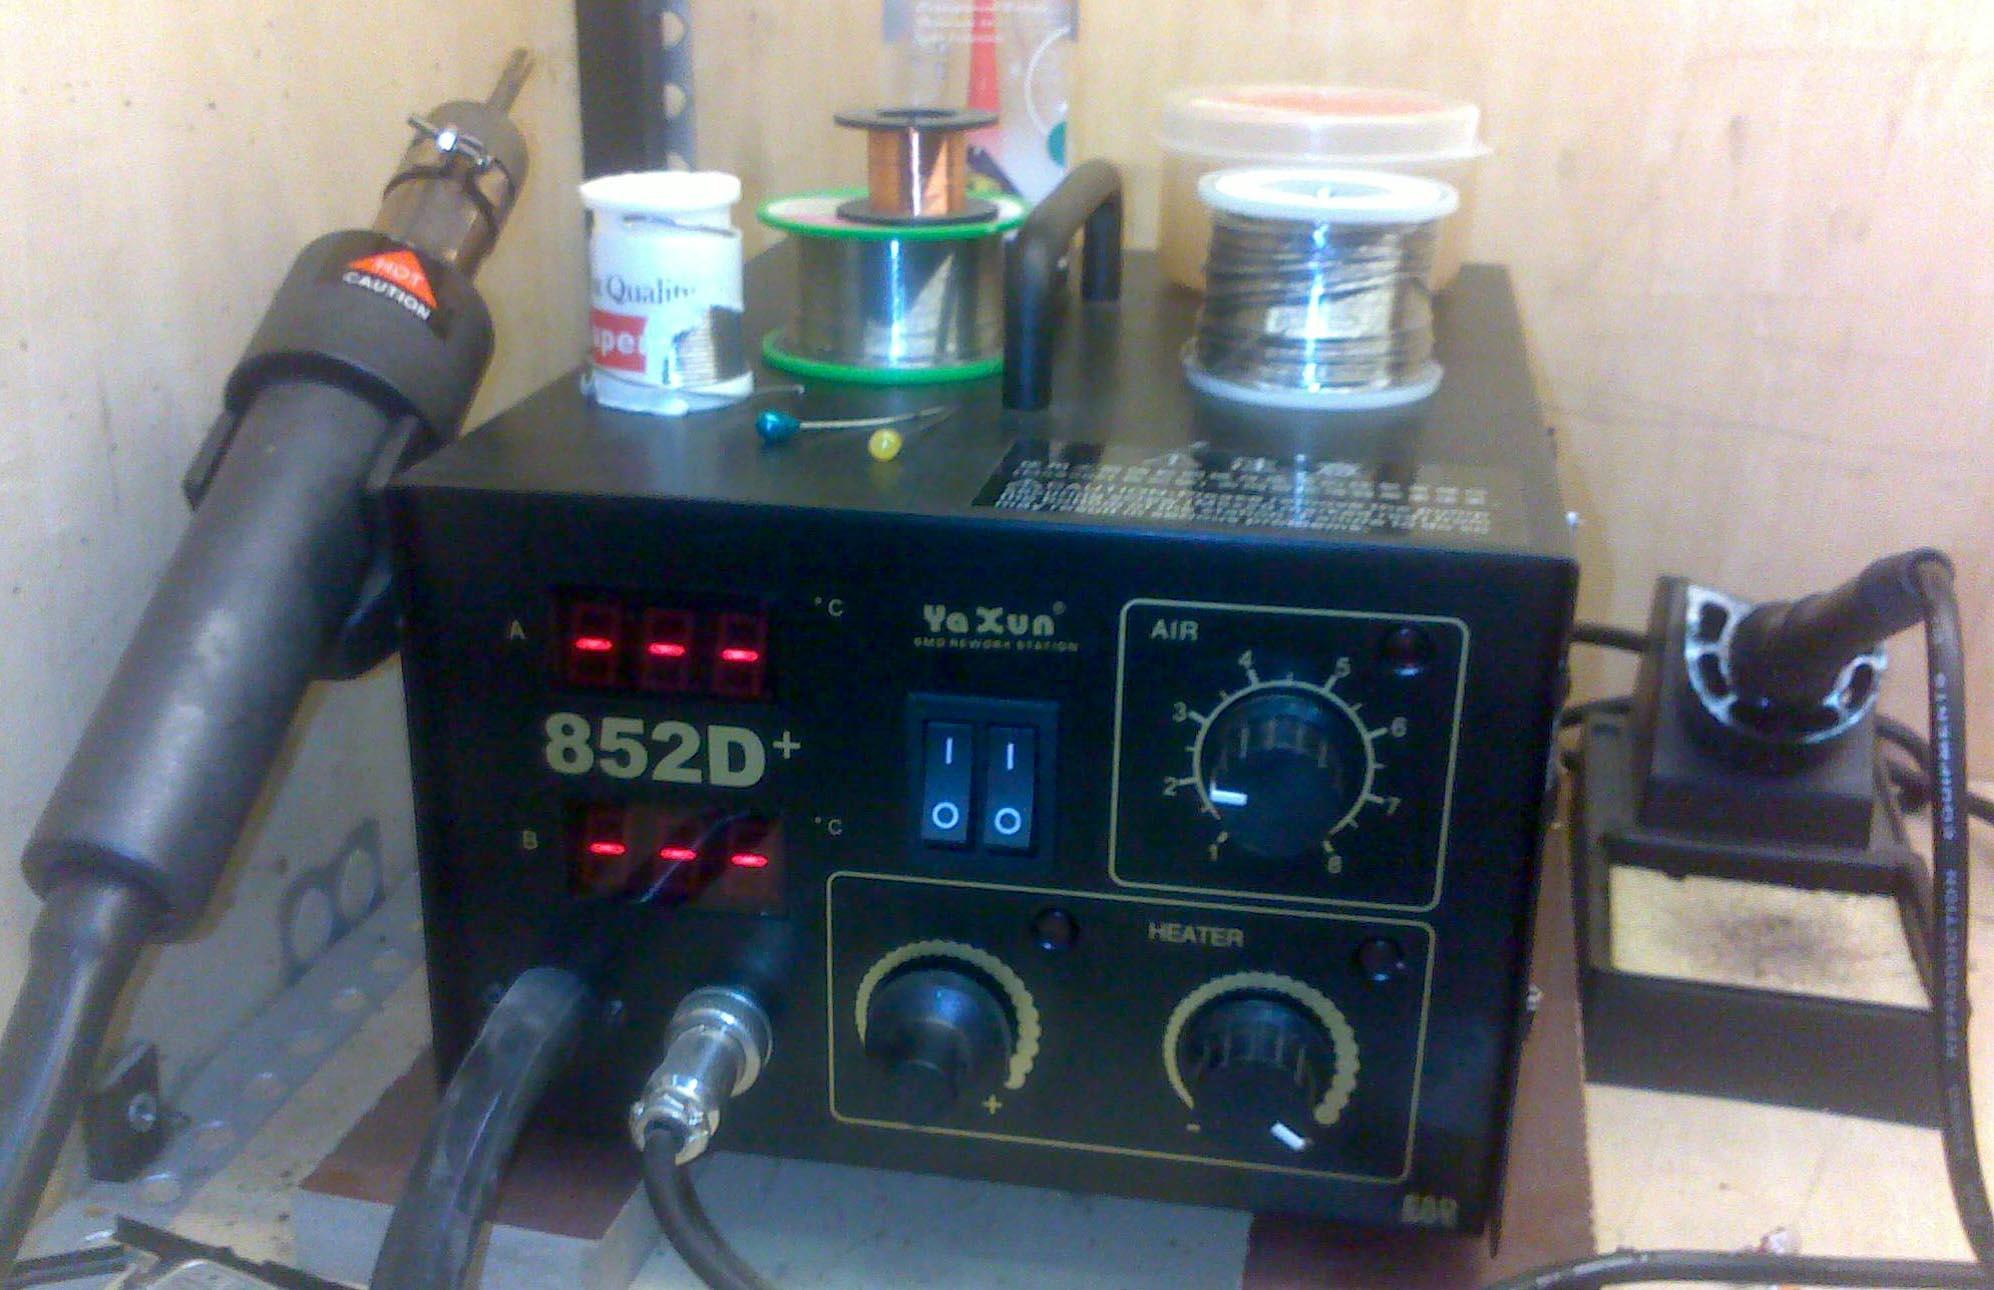 جهاز تلحيم Heat Gun تنخفض حرارته بشكل سريع